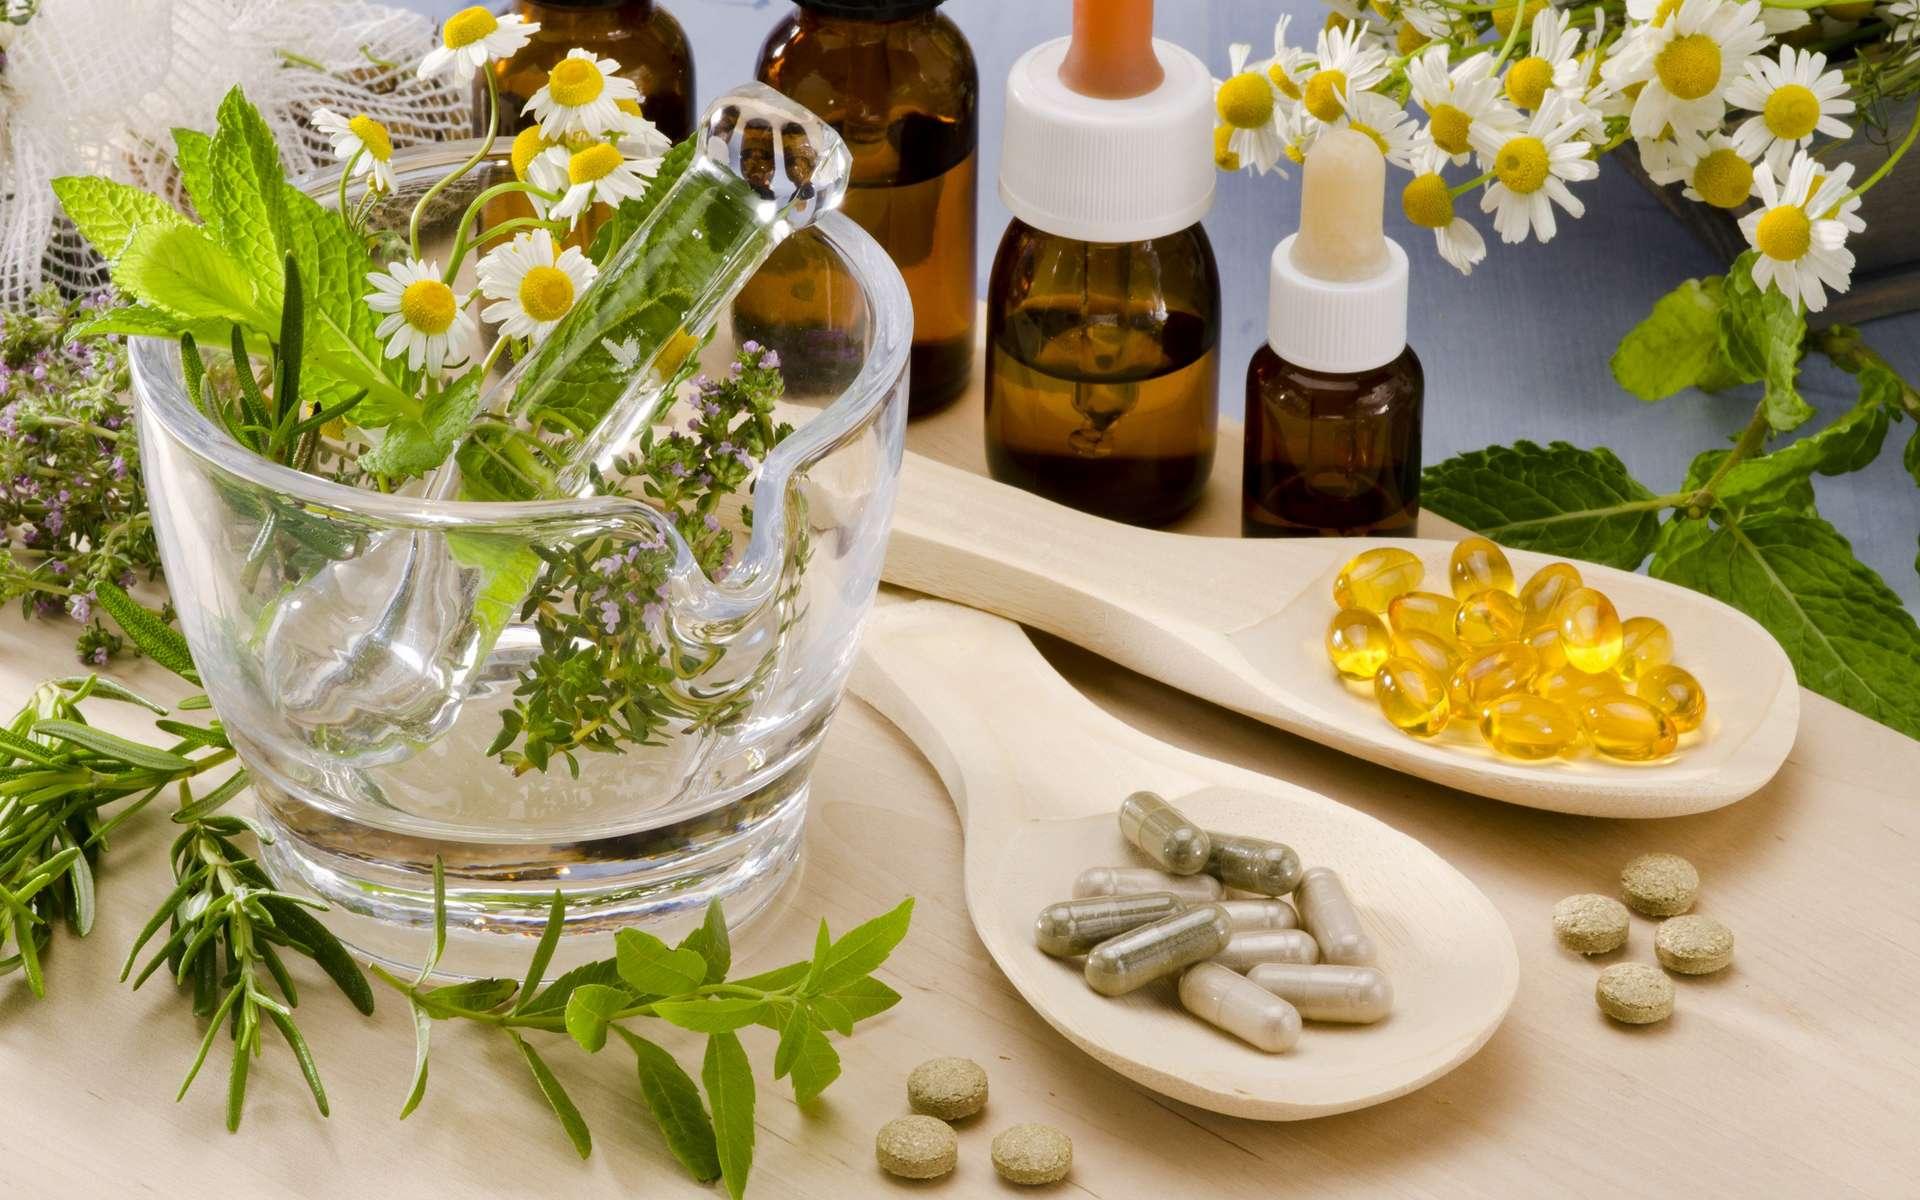 Le naturopathe travaille à partir de médecine douce et naturelle afin d'apporter une meilleure qualité de vie à ses patients. © pat_hastings, Adobe Stock.